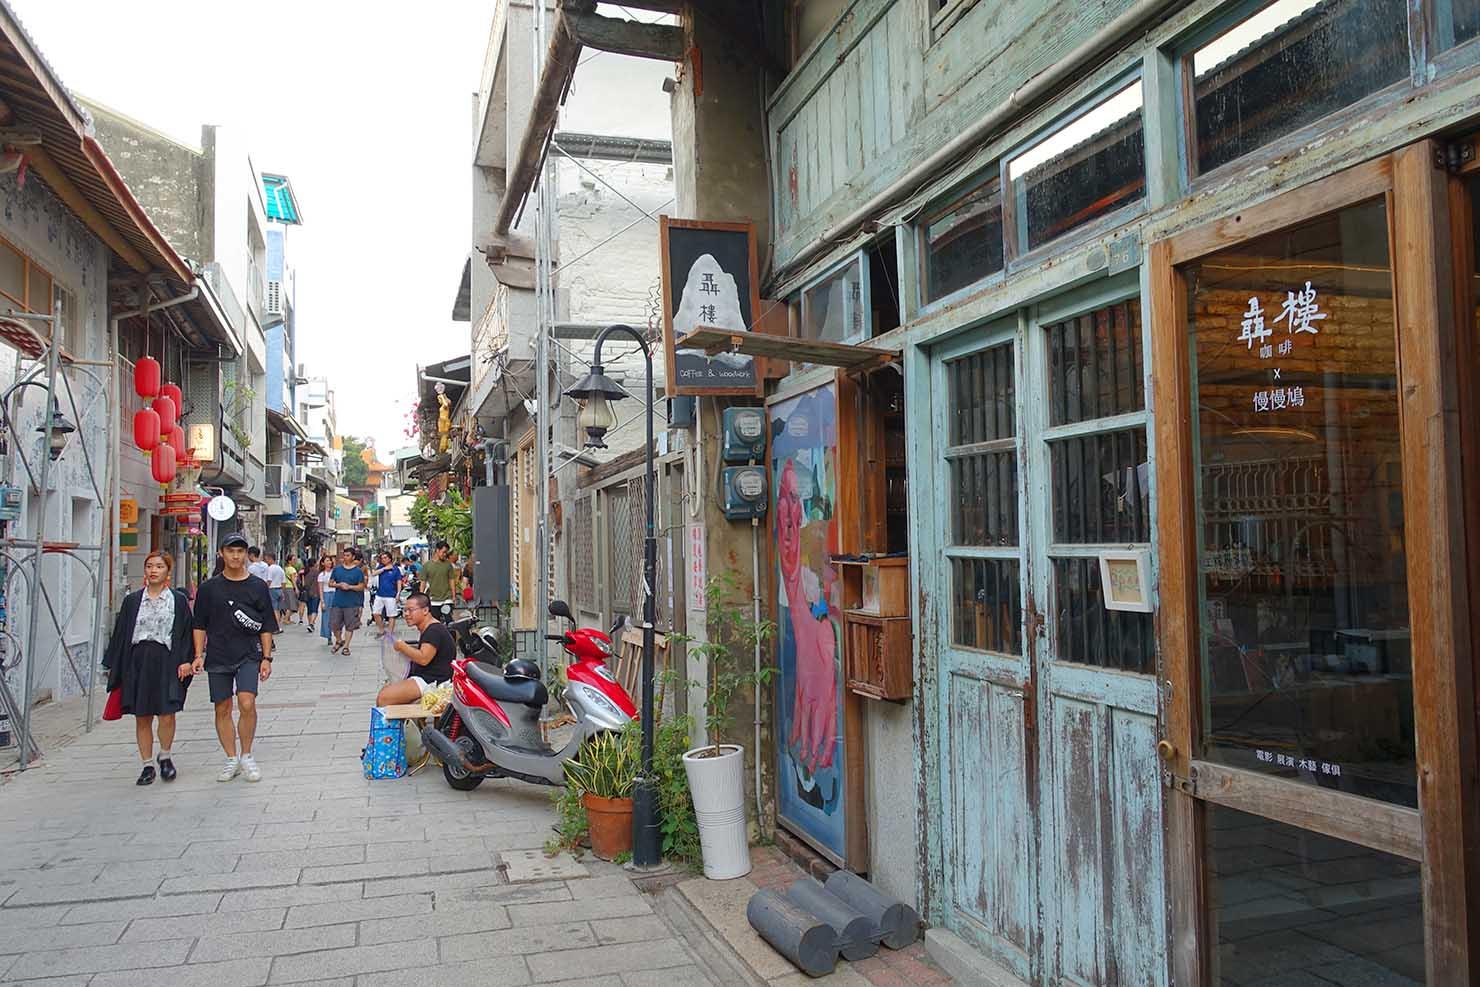 台湾の古都・台南のおすすめ観光スポット「神農街」の街並み